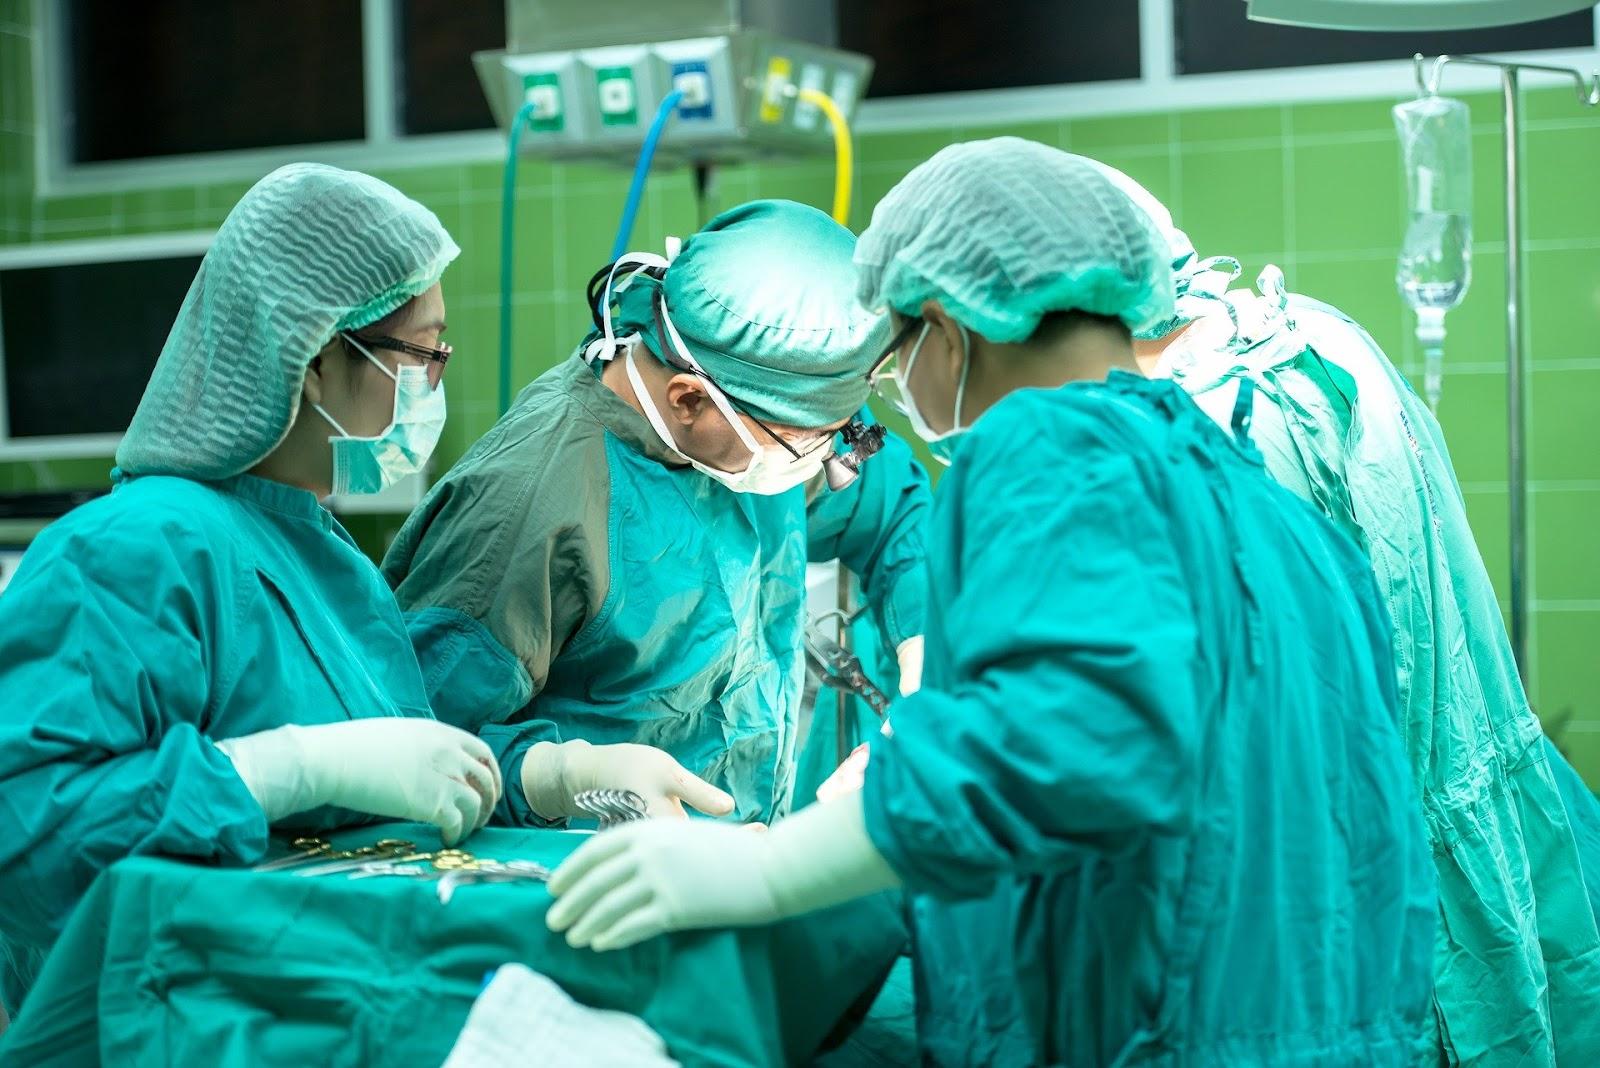 קידום אתרים אורגני וממומן - אם מנתח עושה ניתוח אז משווק צריך לשווק את העסק שלך